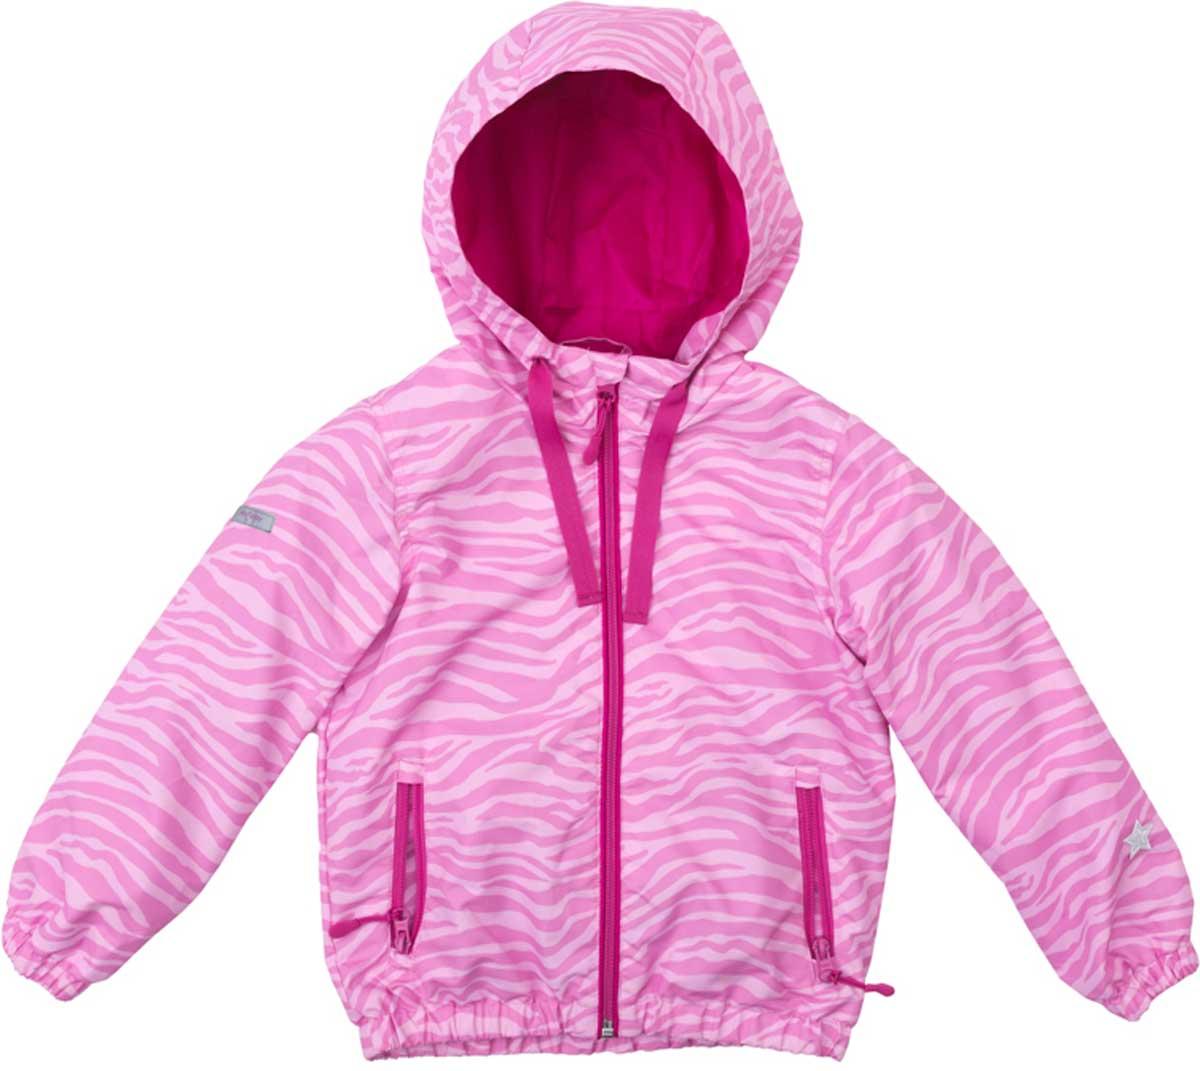 Ветровка для девочки PlayToday, цвет: светло-розовый, розовый. 172055. Размер 116172055Яркая стильная вктровка обязательно понравится вашему ребенку! Специальный карман для фиксации застежки-молнии не позволит застежке травмировать нежную детскую кожу. За счет шнура - кулиски капюшон не упадет с головы даже во время активных игр. Светоотражатели на рукаве и по низу изделия позволят видеть вашего ребенка даже в темное время суток.